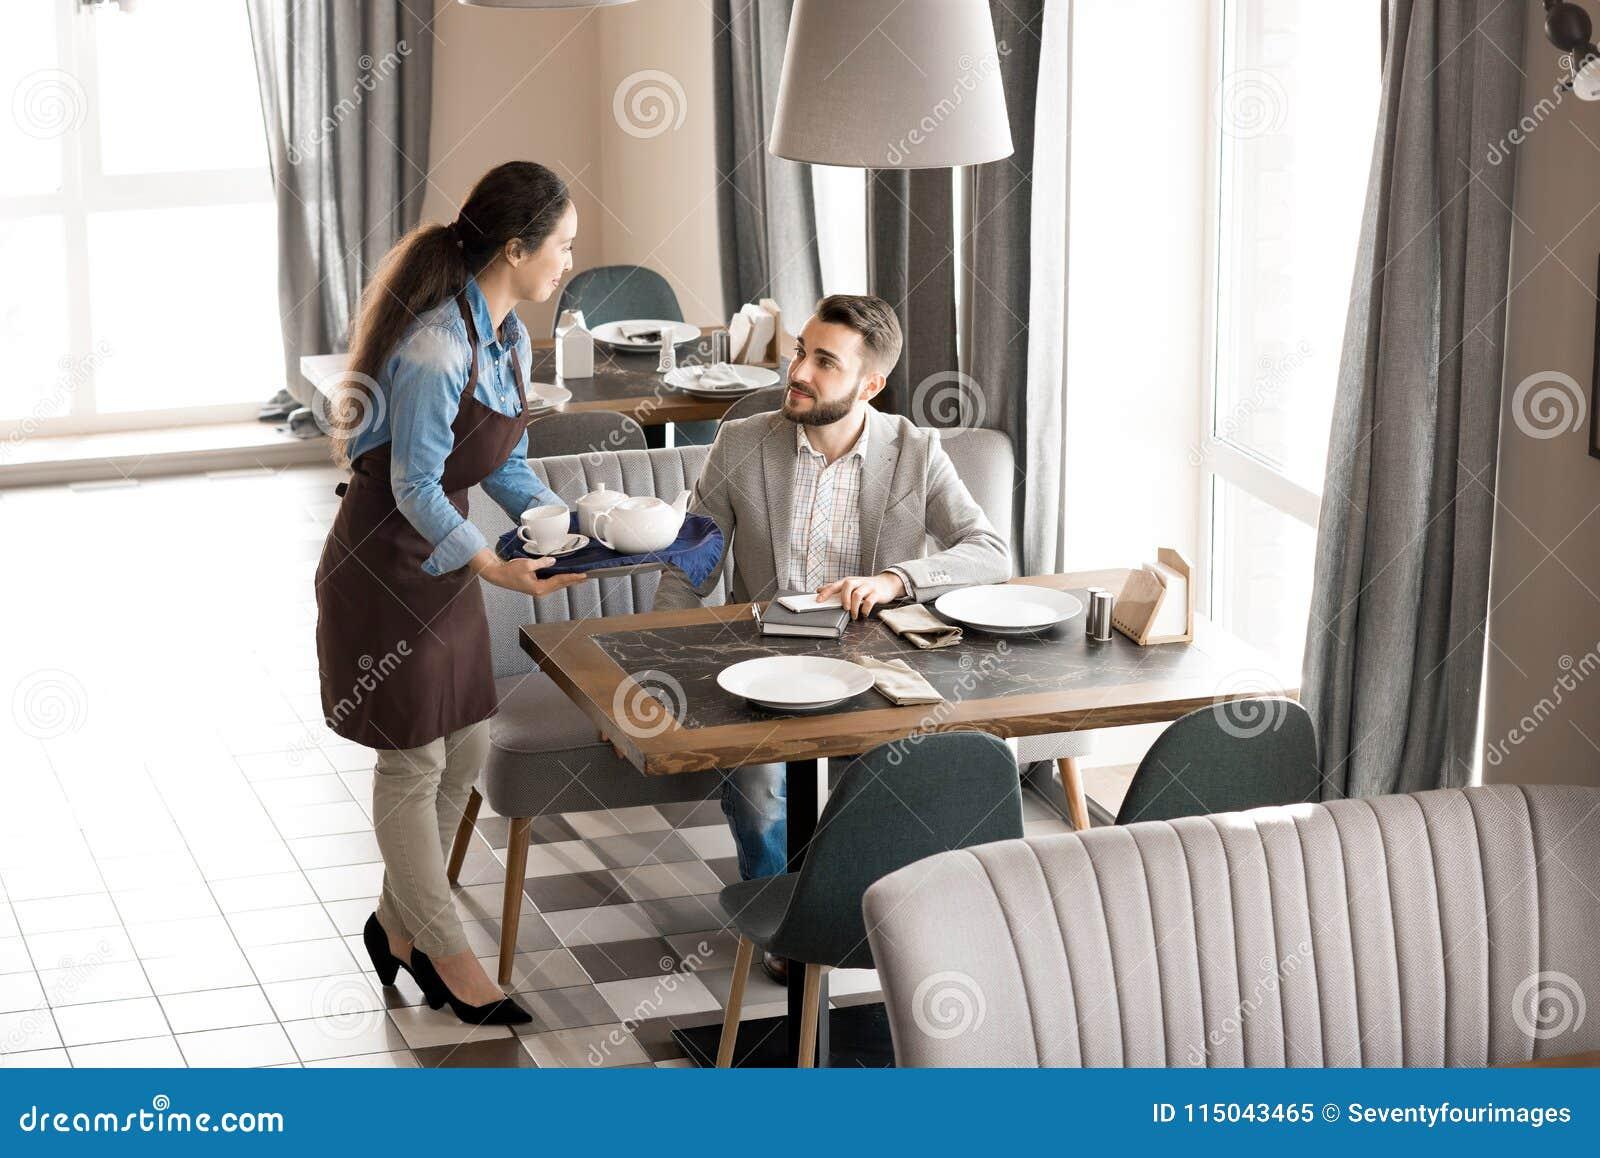 Дружелюбная официантка давая чай к клиенту